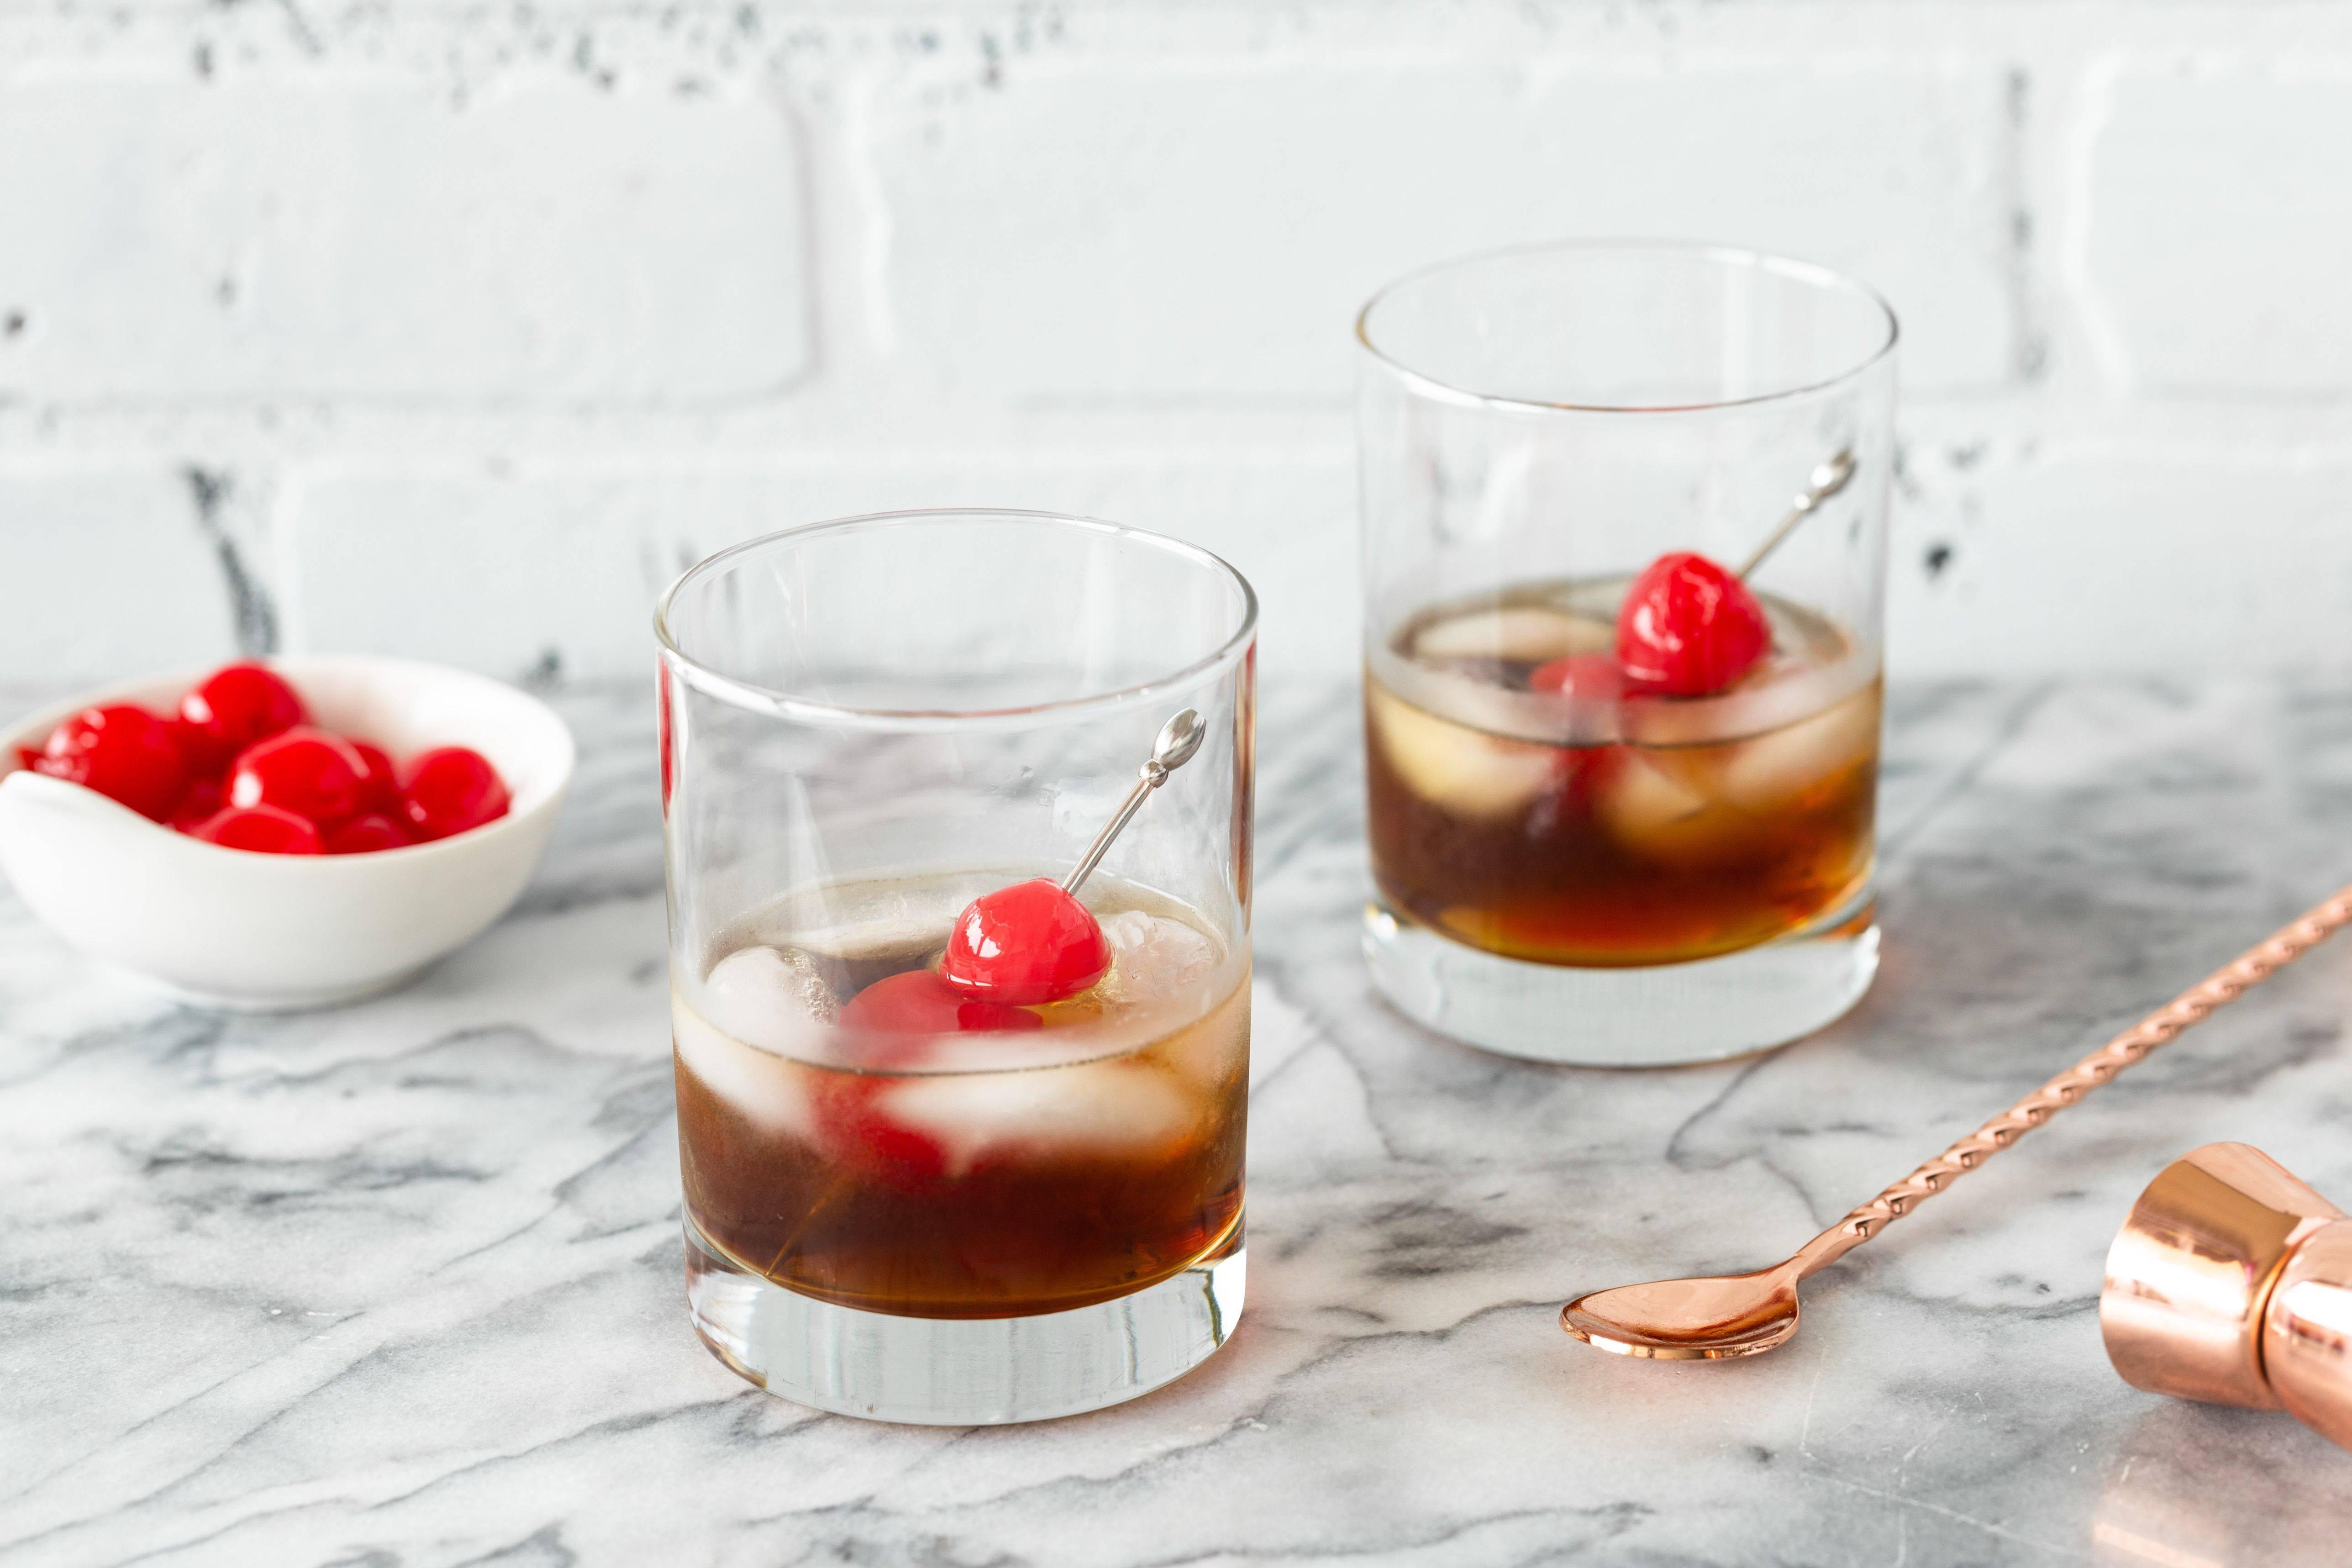 Коктейль черный русский — рецепт с фото: как сделать алкогольный коктейль black russian